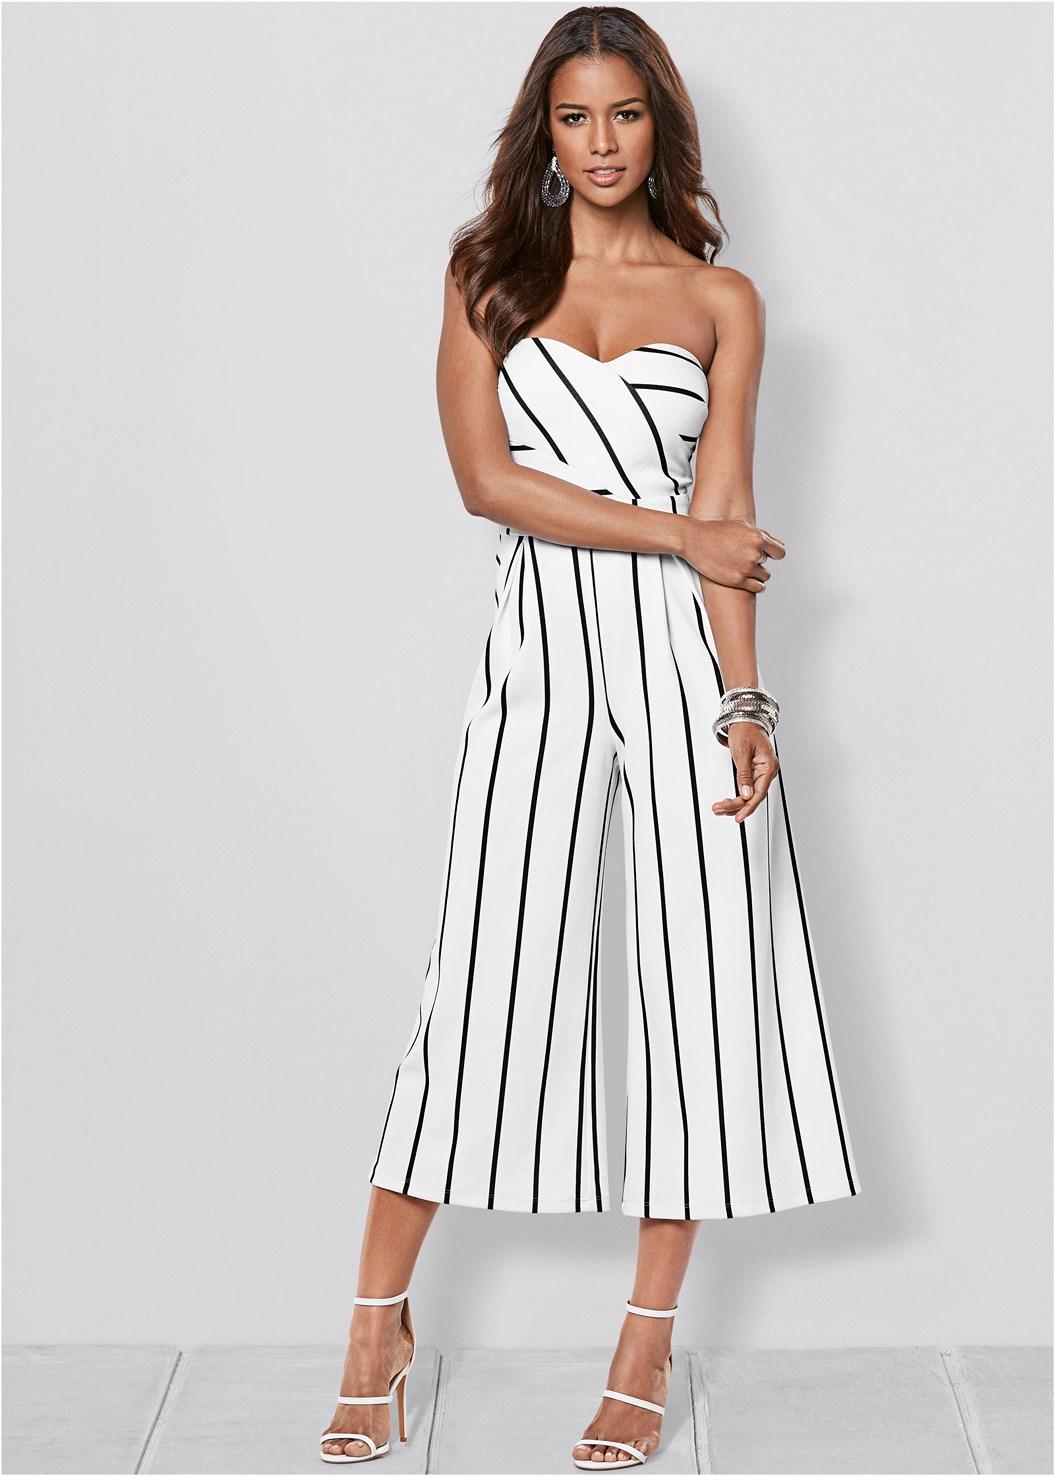 Stripe Culotte Jumpsuit,Full Figure Strapless Bra